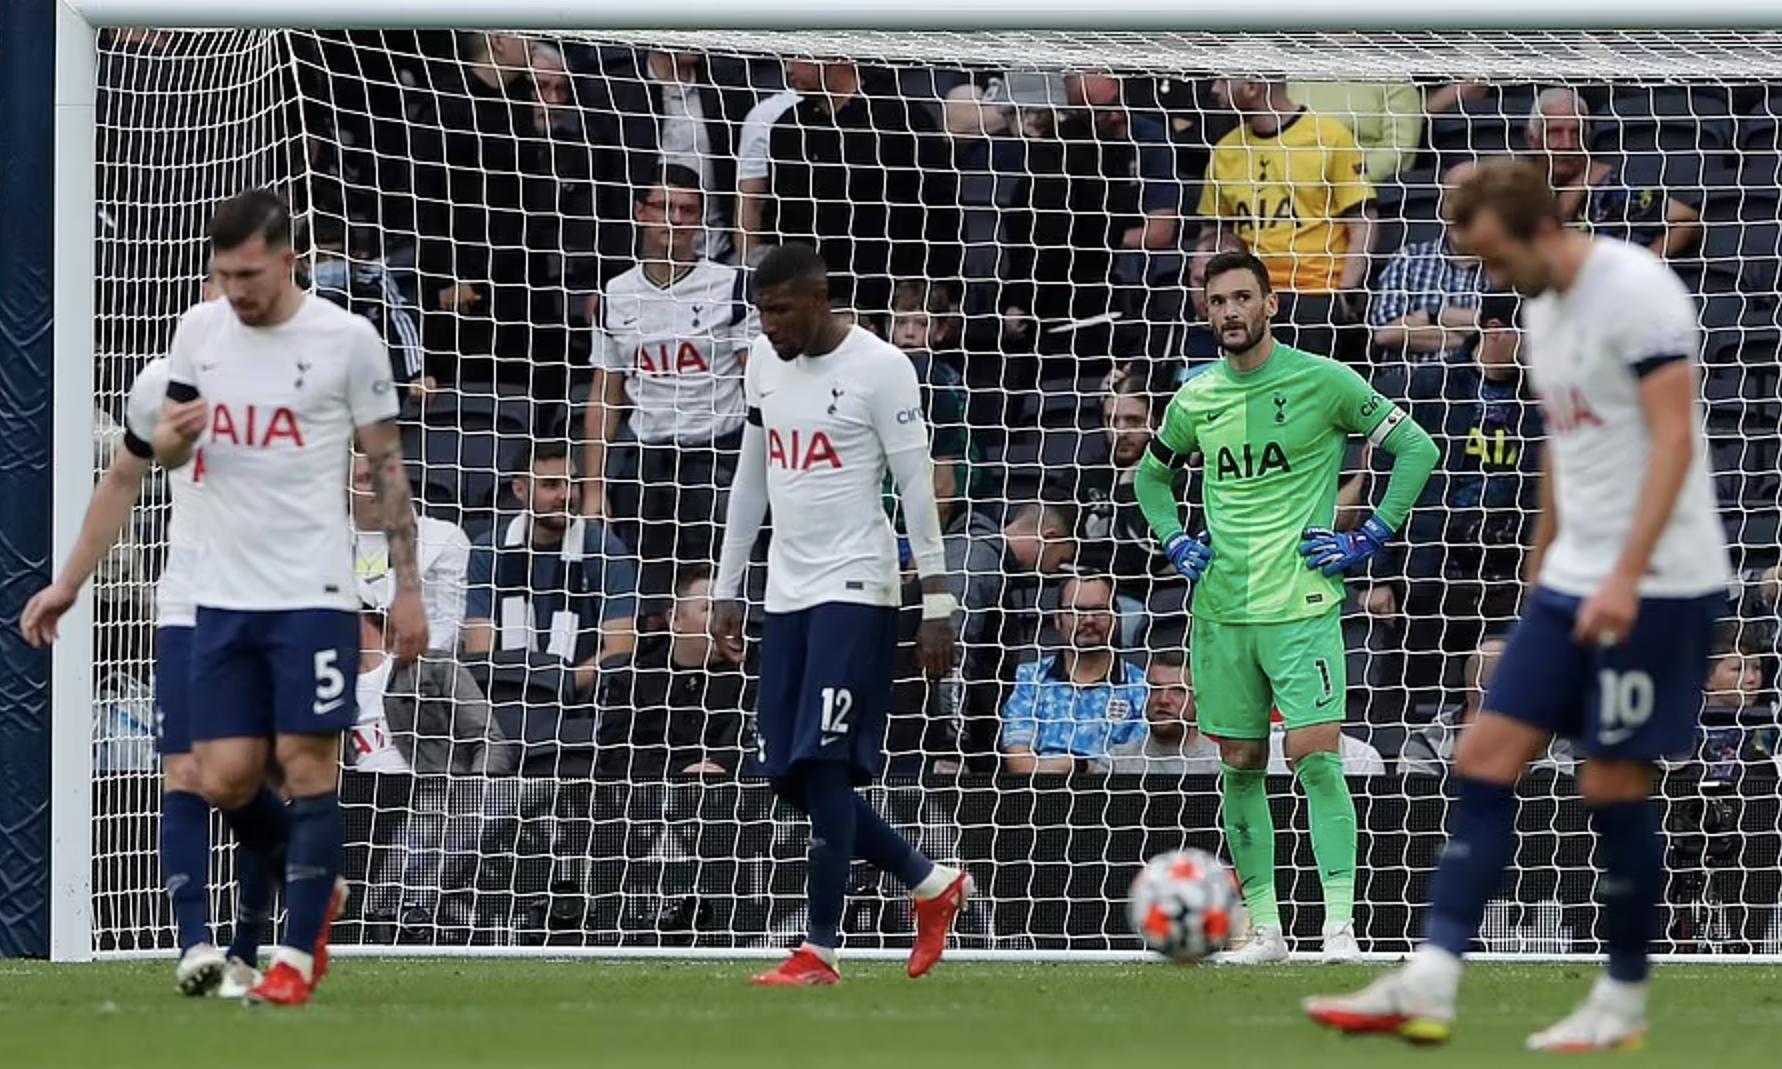 Sau hiệp một khởi sắc, Tottenham bị lấn lướt hoàn toàn trong hiệp hai và thủng ba bàn. Ảnh: Reuters